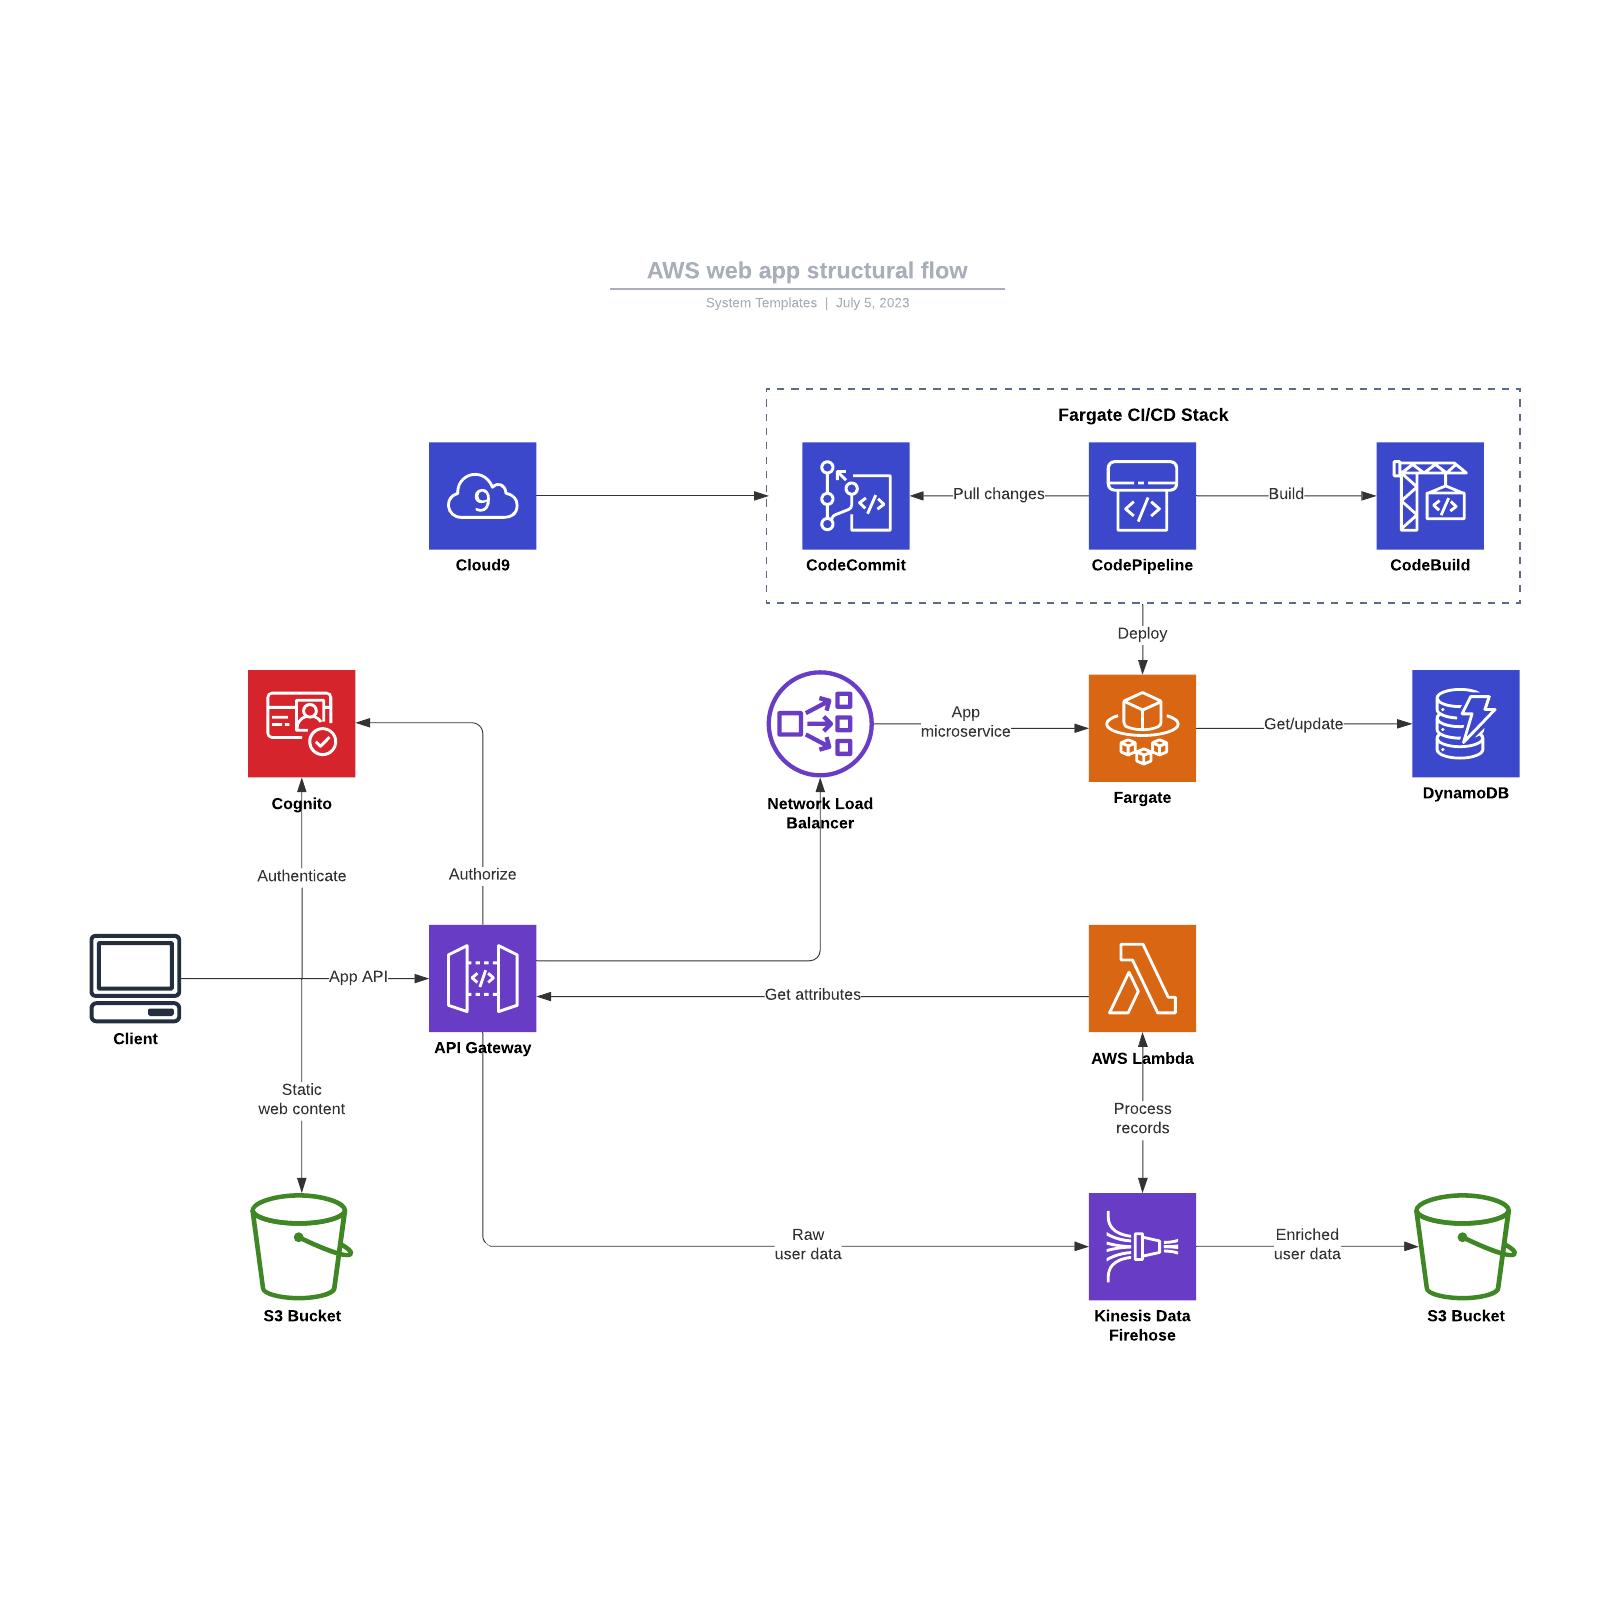 AWS web app structural flow